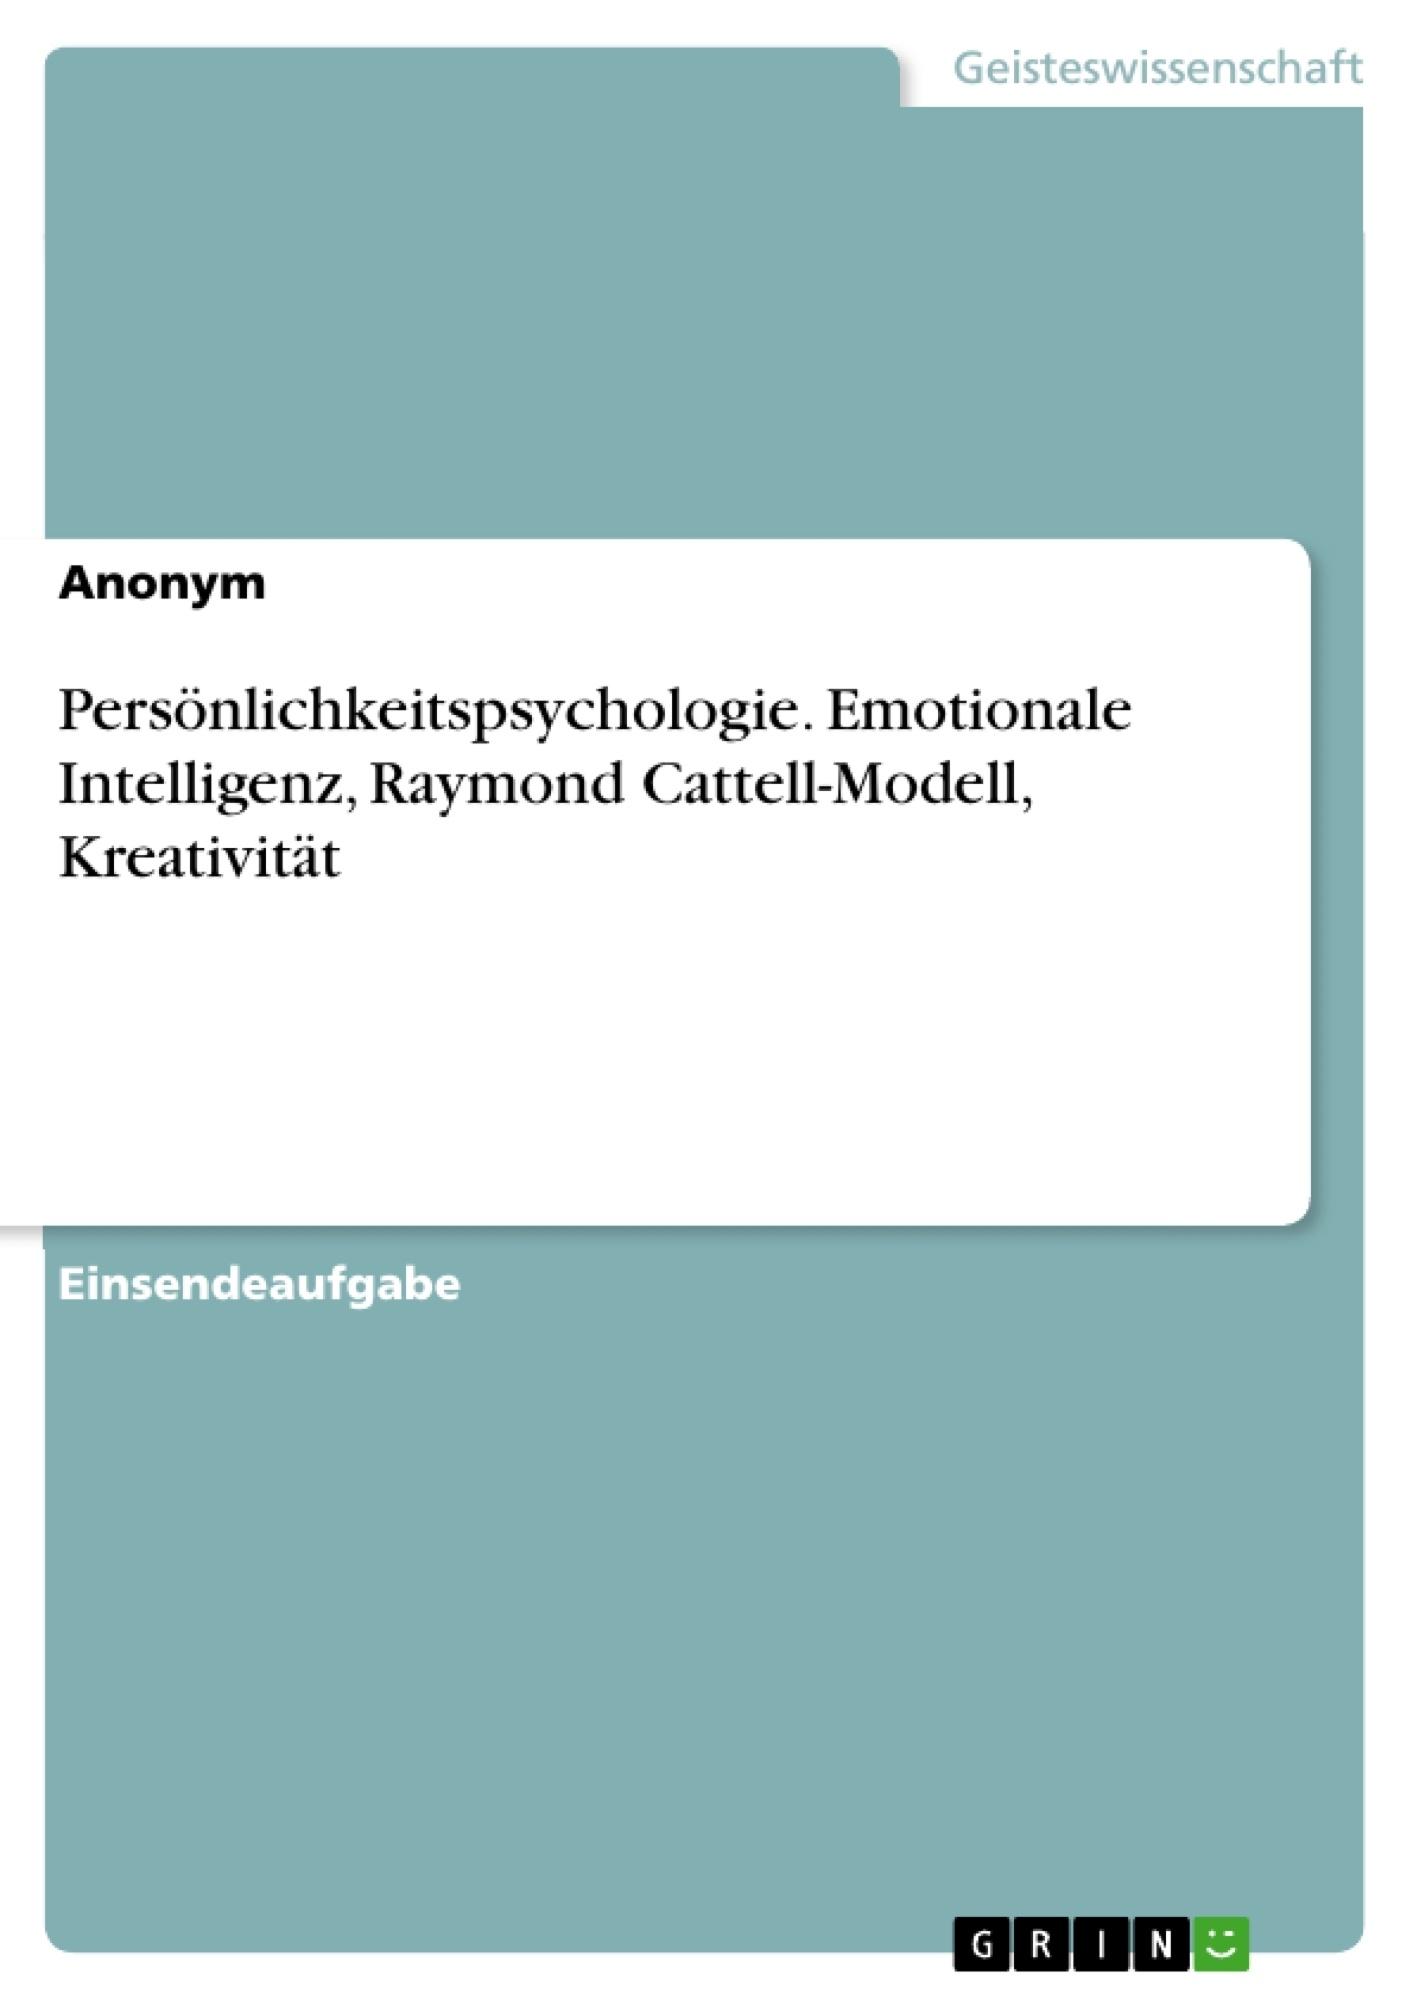 Titel: Persönlichkeitspsychologie. Emotionale Intelligenz, Raymond Cattell-Modell, Kreativität